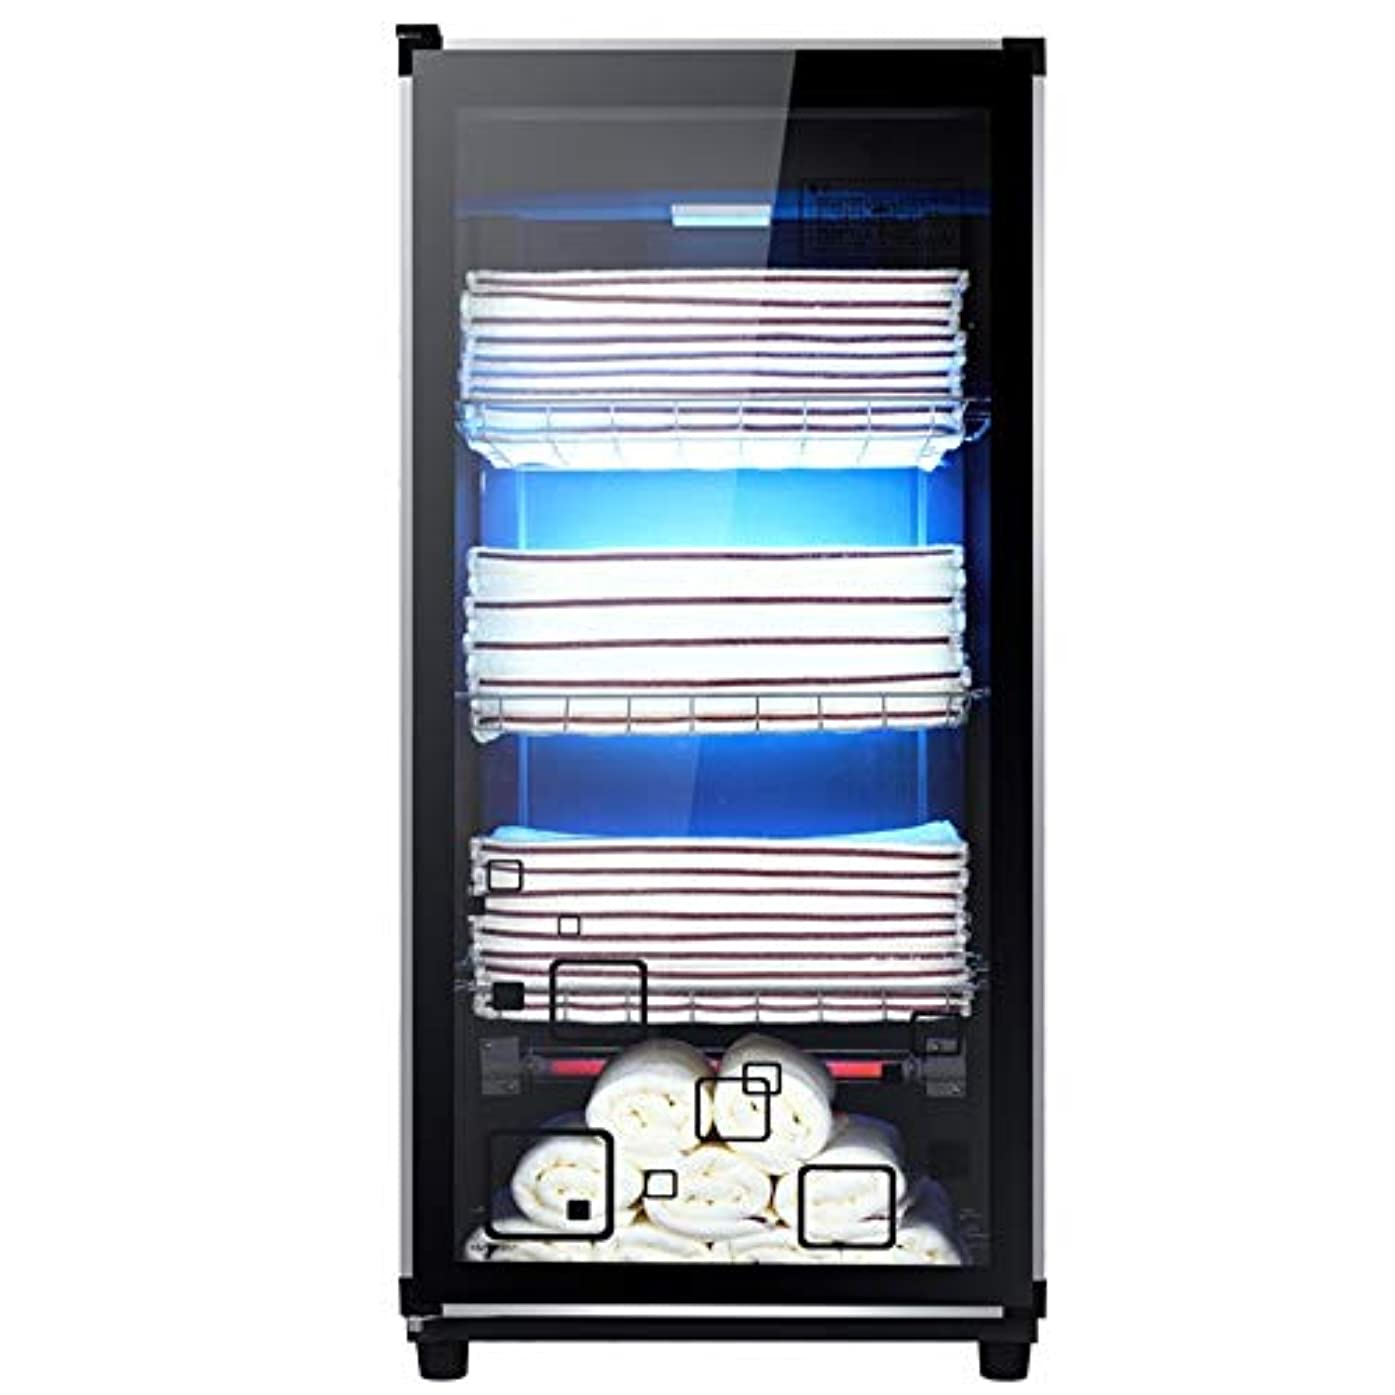 醸造所ご予約チェスをする3 in 1 UVオゾン滅菌器キャビネットホットタオルウォーマーキャビネットウェットタオルヒーター、レストランサロン用スパマッサージヘアビューティー(4層)